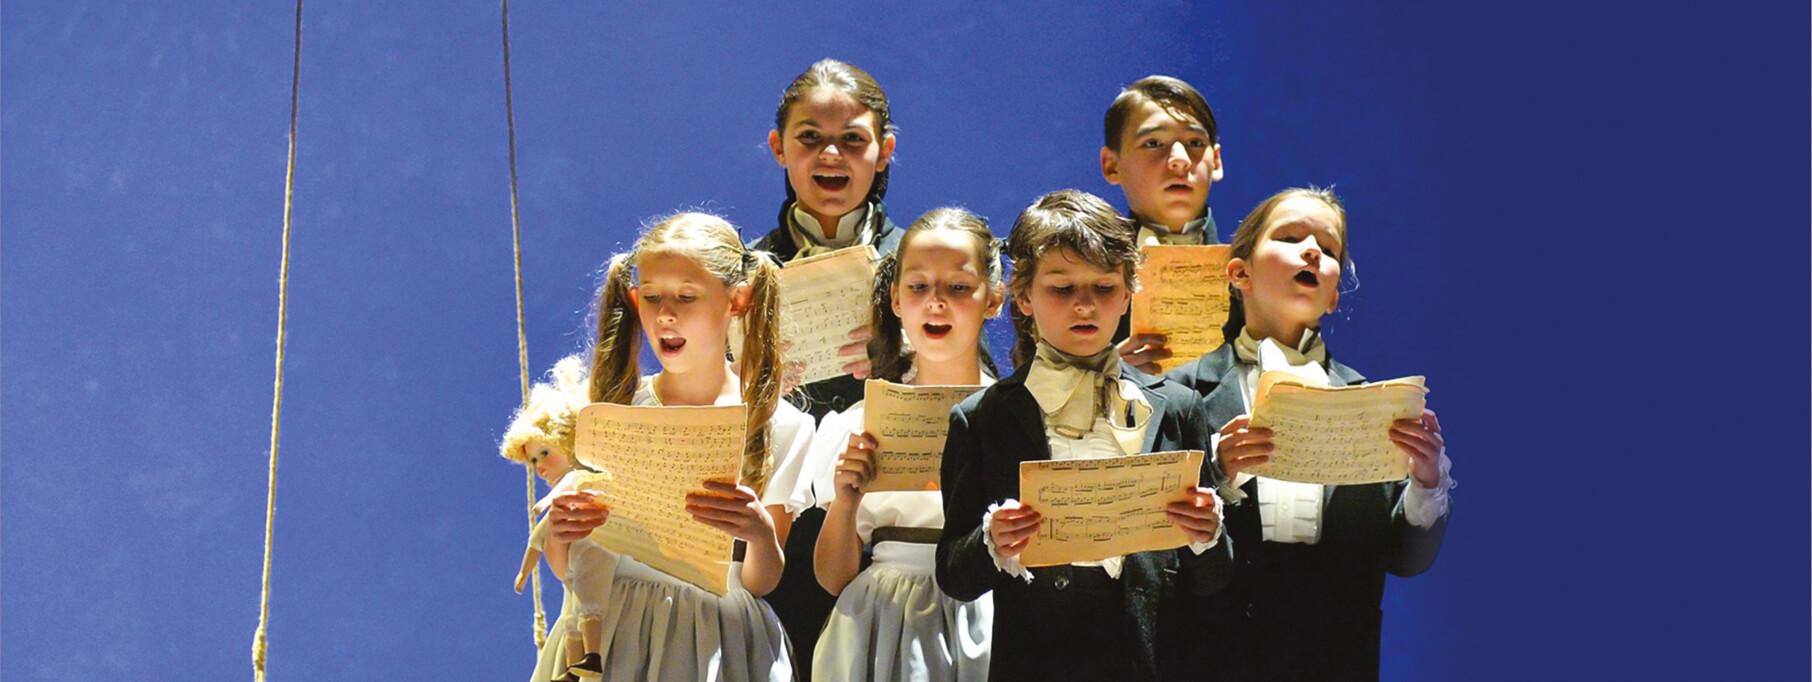 Cautam Mici Artisti! Vino la AUDIȚII pentru Corul De Copii Junior VIP și lasă-te descoperit!